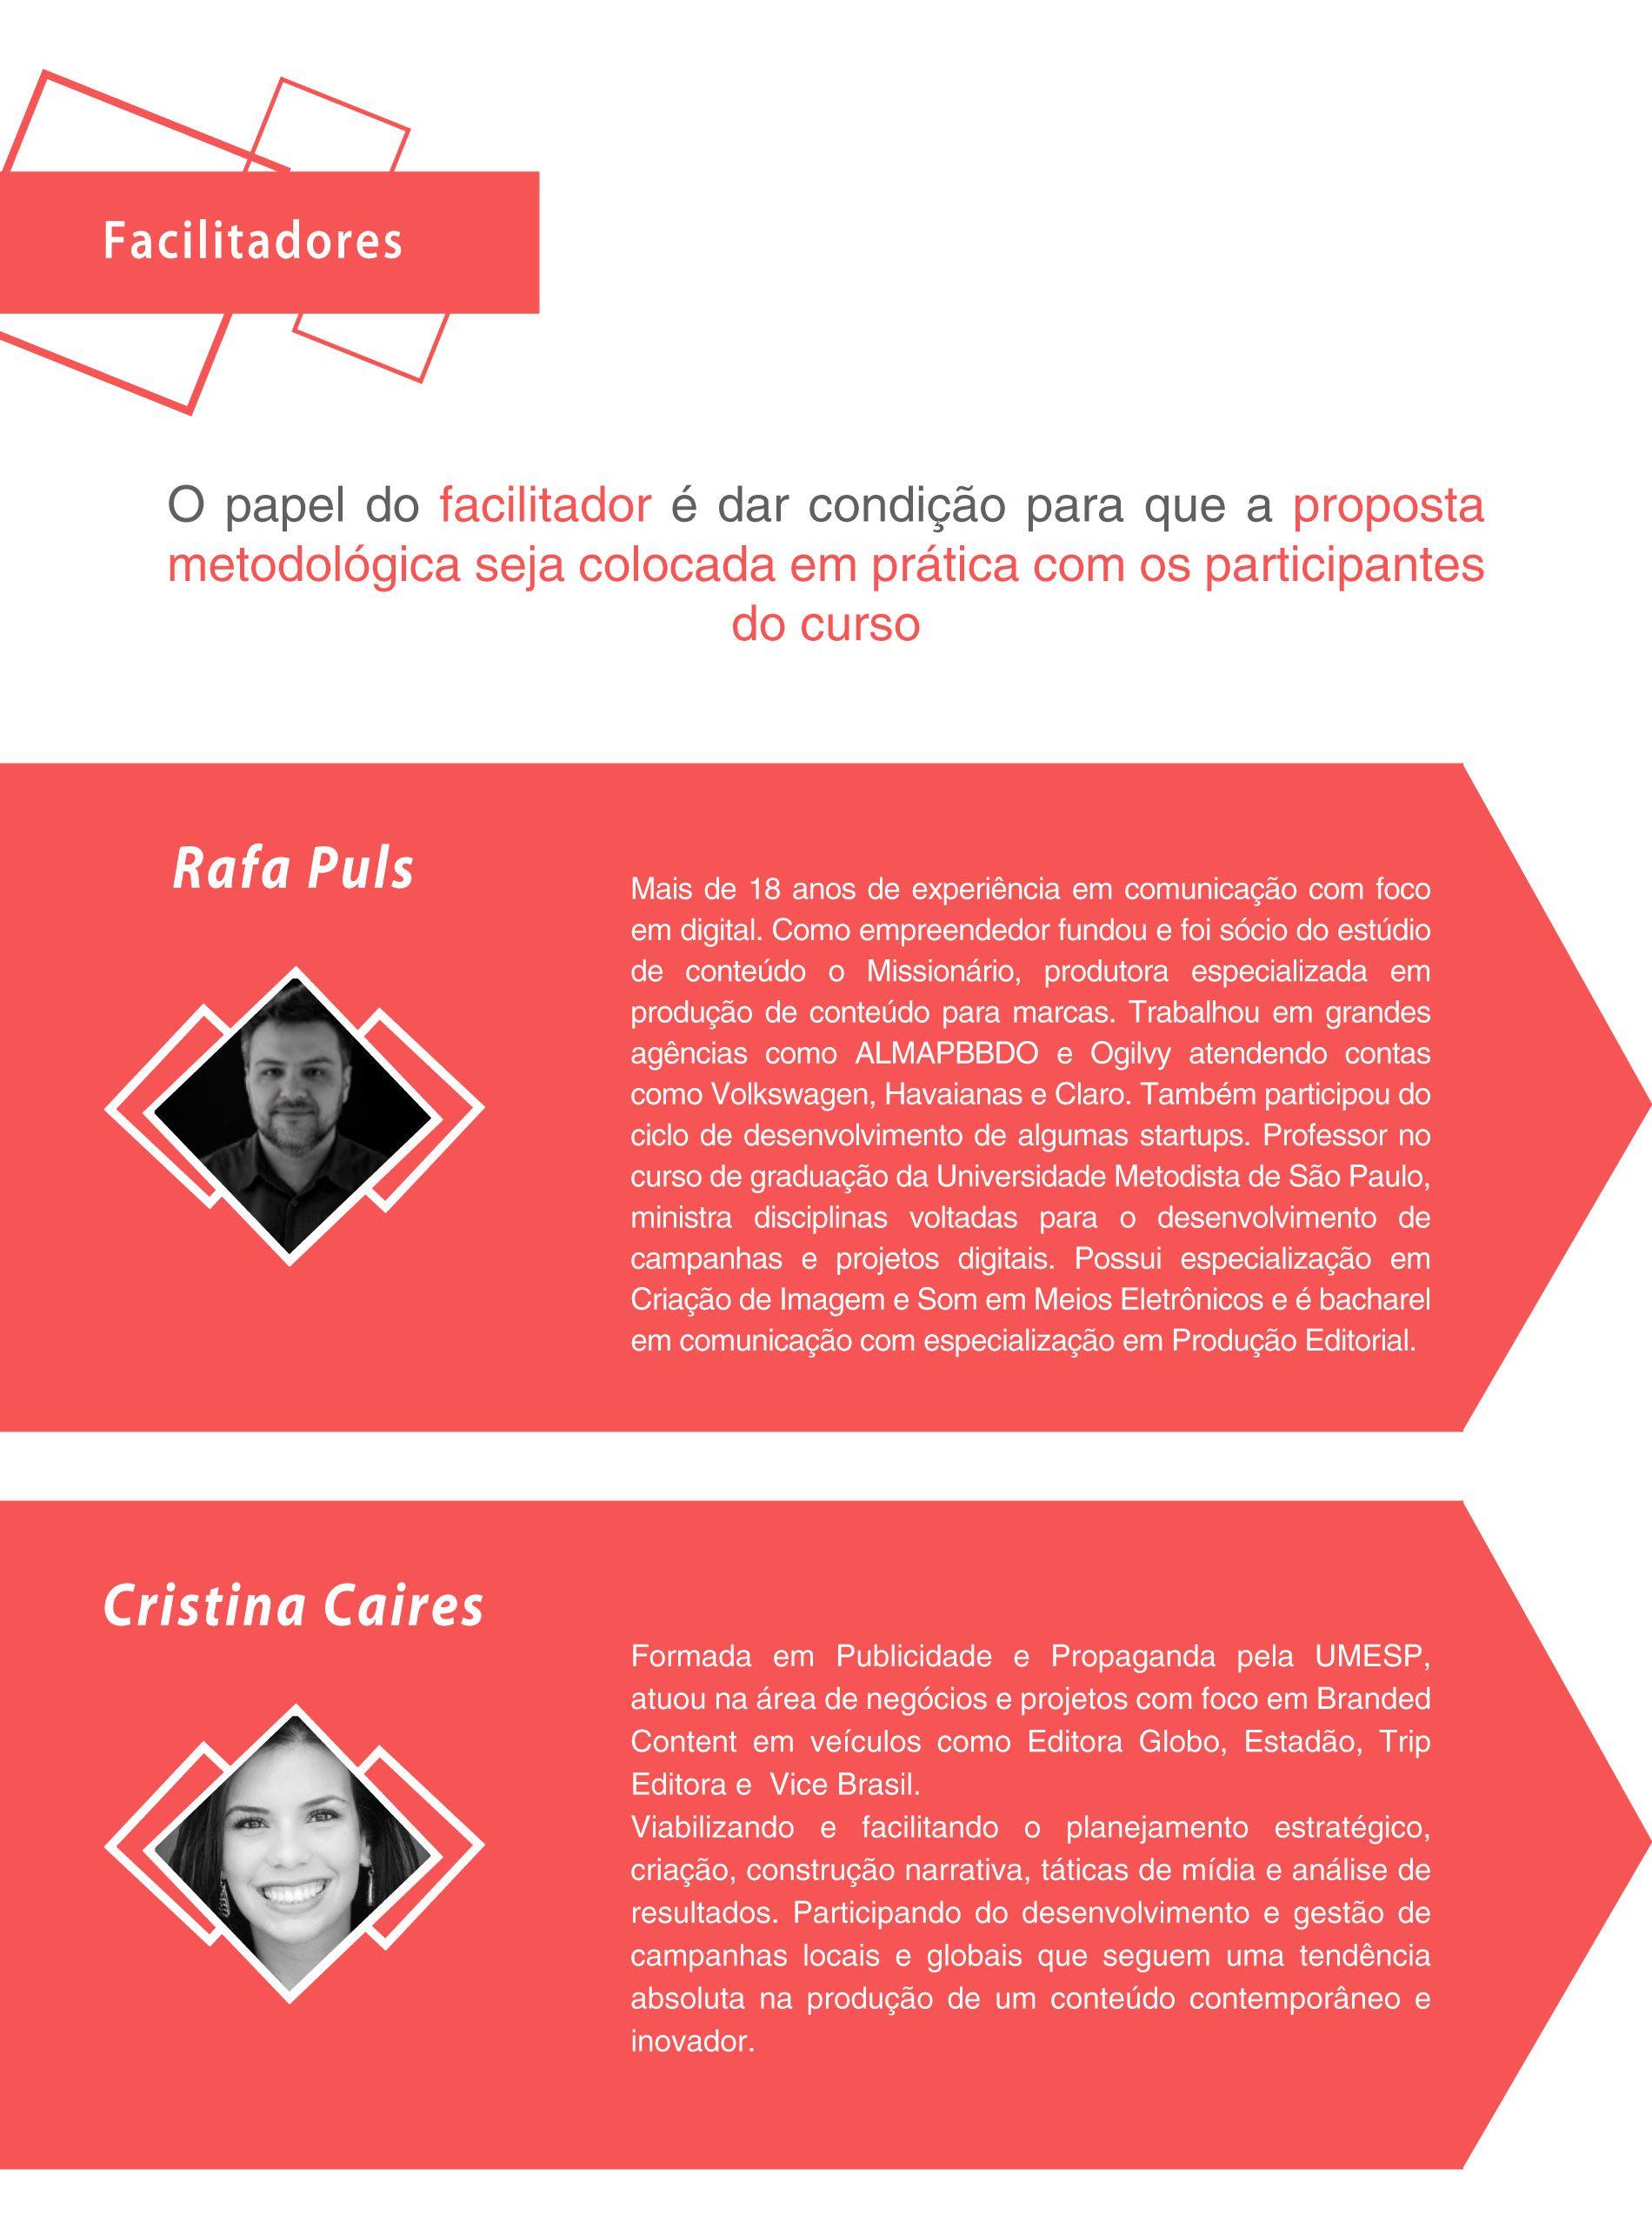 https://www.mestregp.com.br/wp-content/uploads/2018/03/Pagina-CdE-Gestão-de-Conteúdo-pt3-1900x2555.jpg